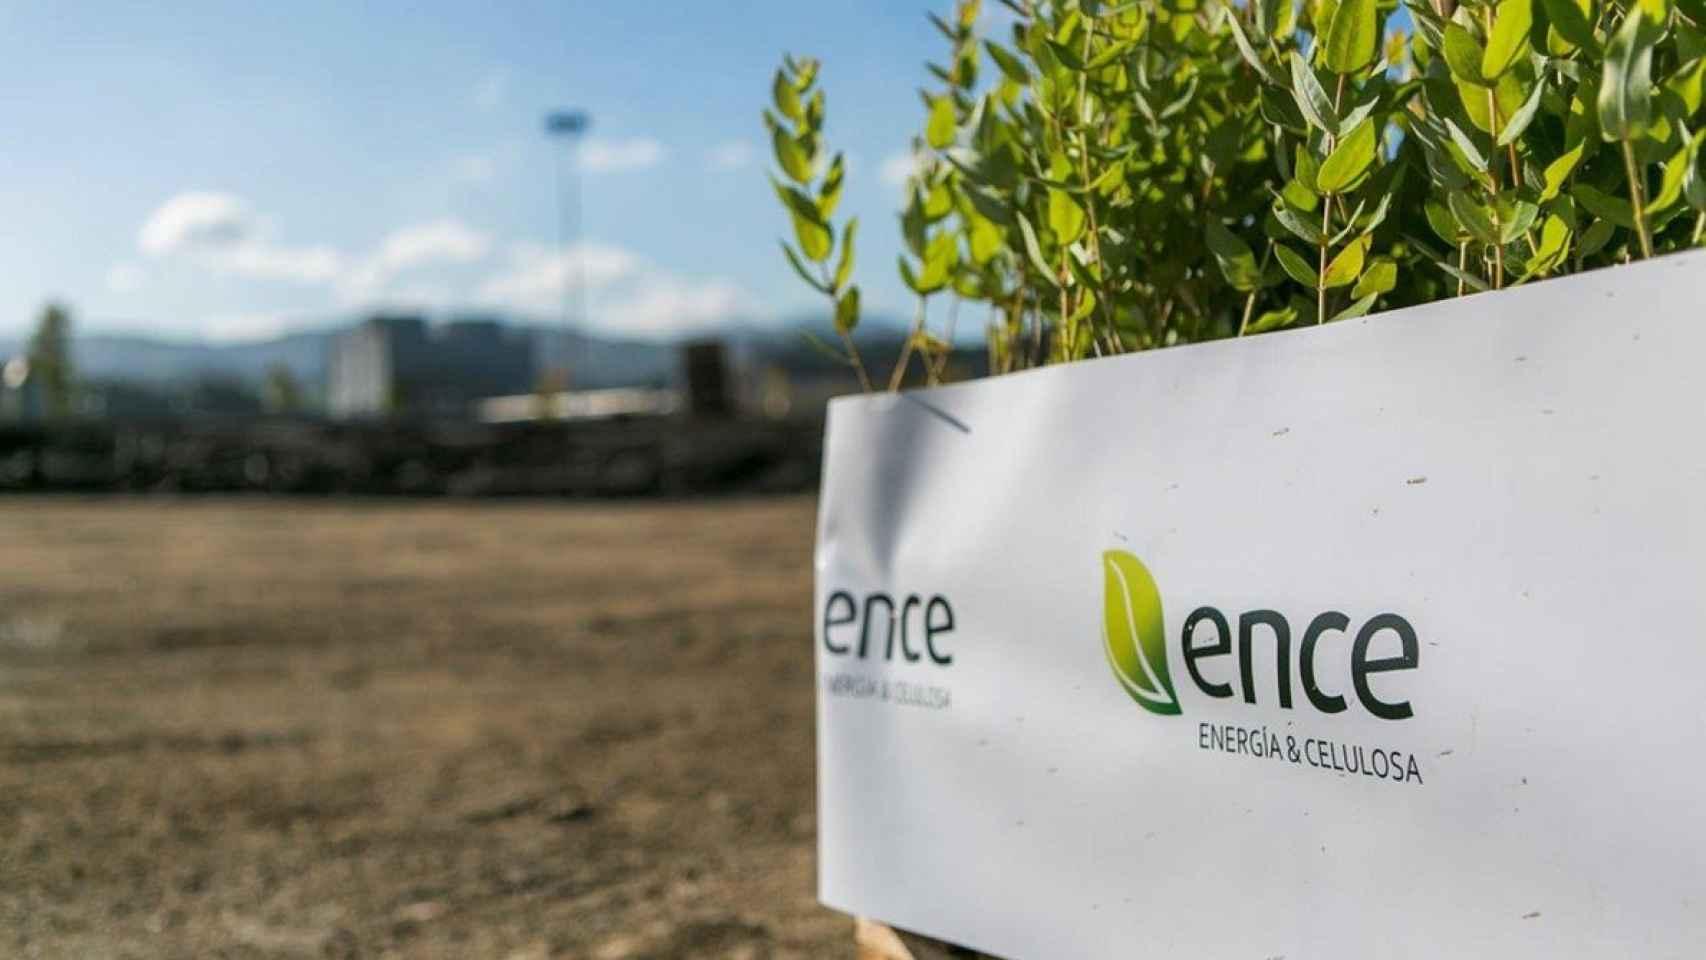 Tareas de reforestación dirigidas por Ence.